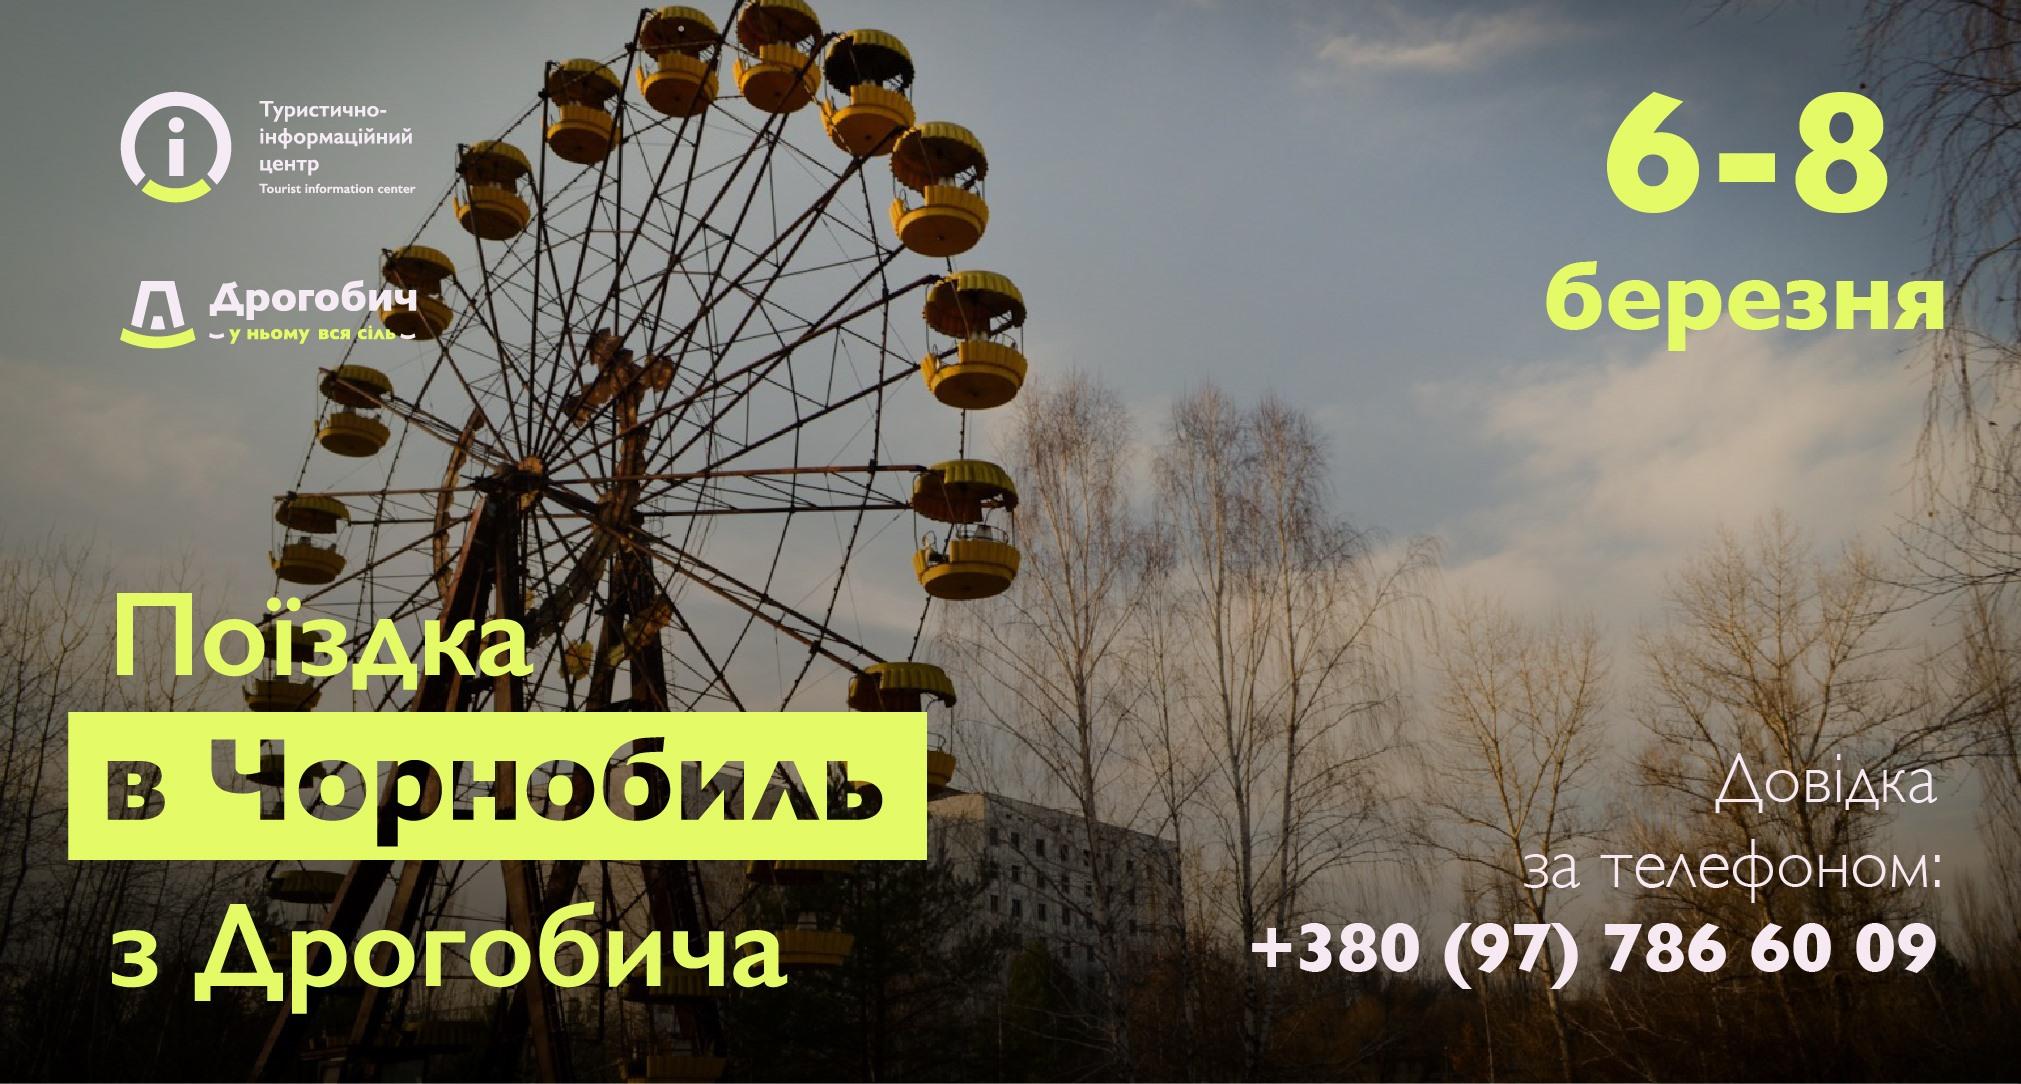 84721788_2189937061109551_5072673388112117760_n.jpg